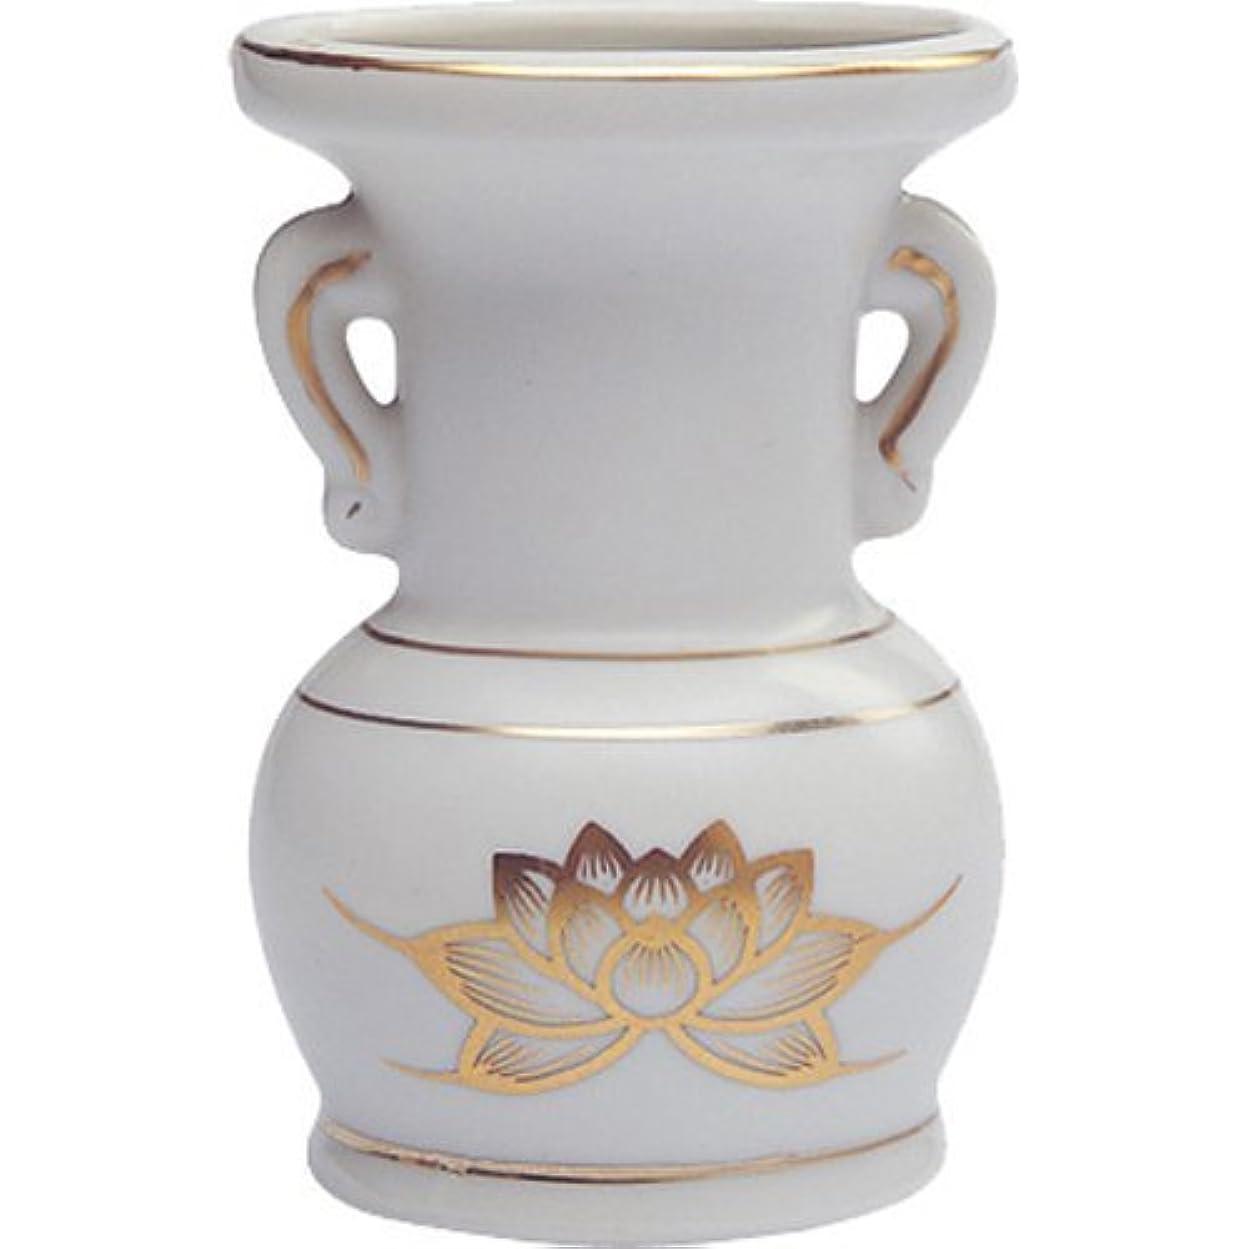 感動する哲学博士寄付花立て 陶器(白磁)